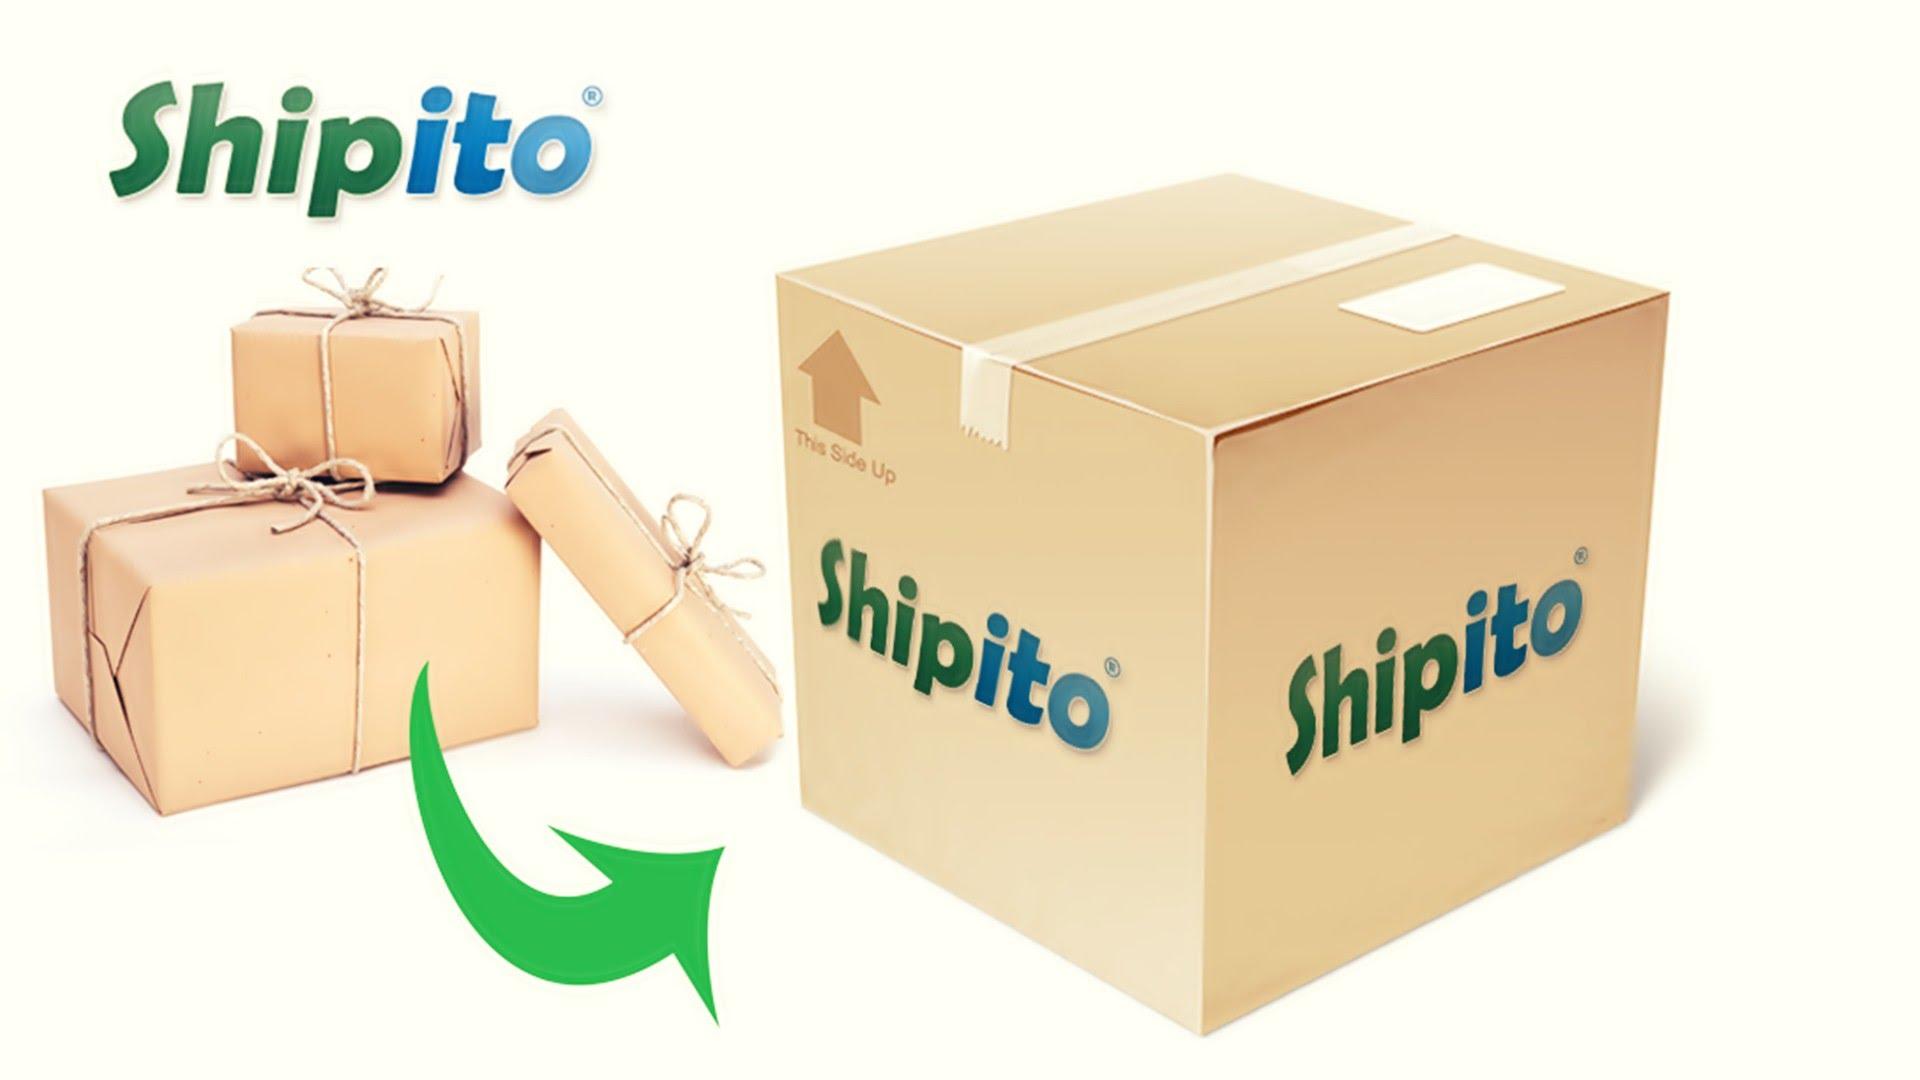 تجربة الشحن على شركة Shipito مع شرح طريقة الشحن